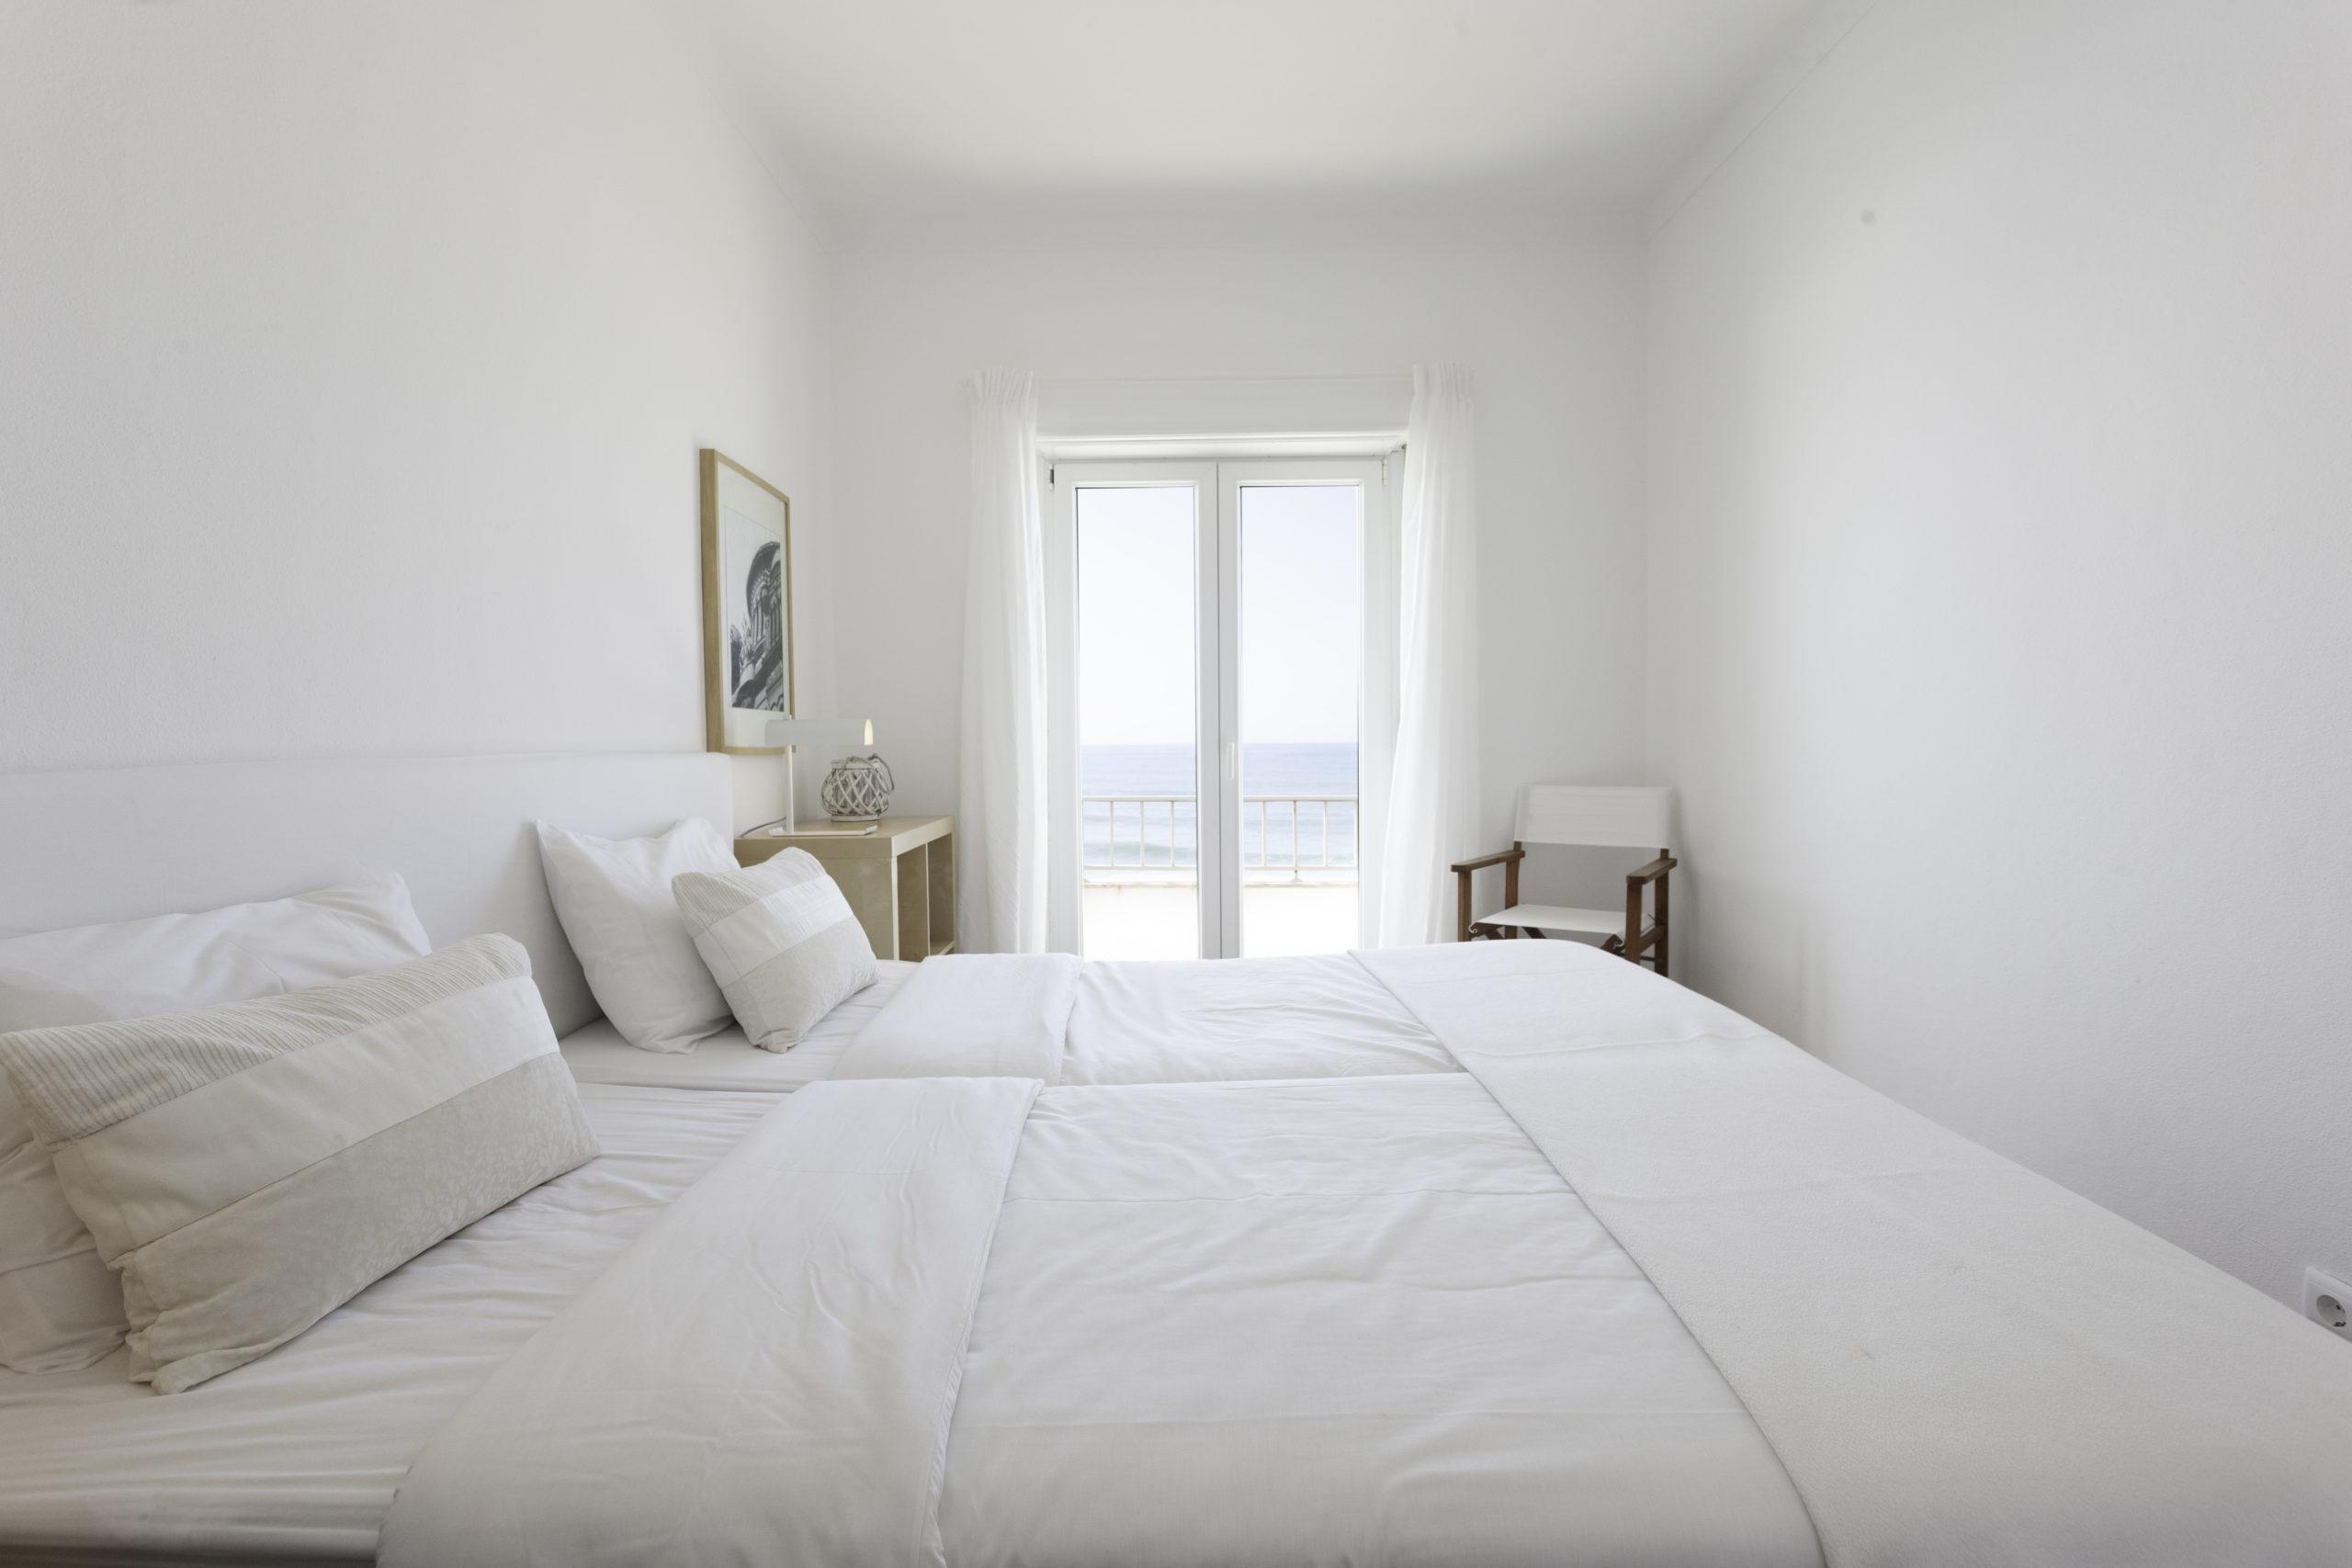 Beach House Room 2 3